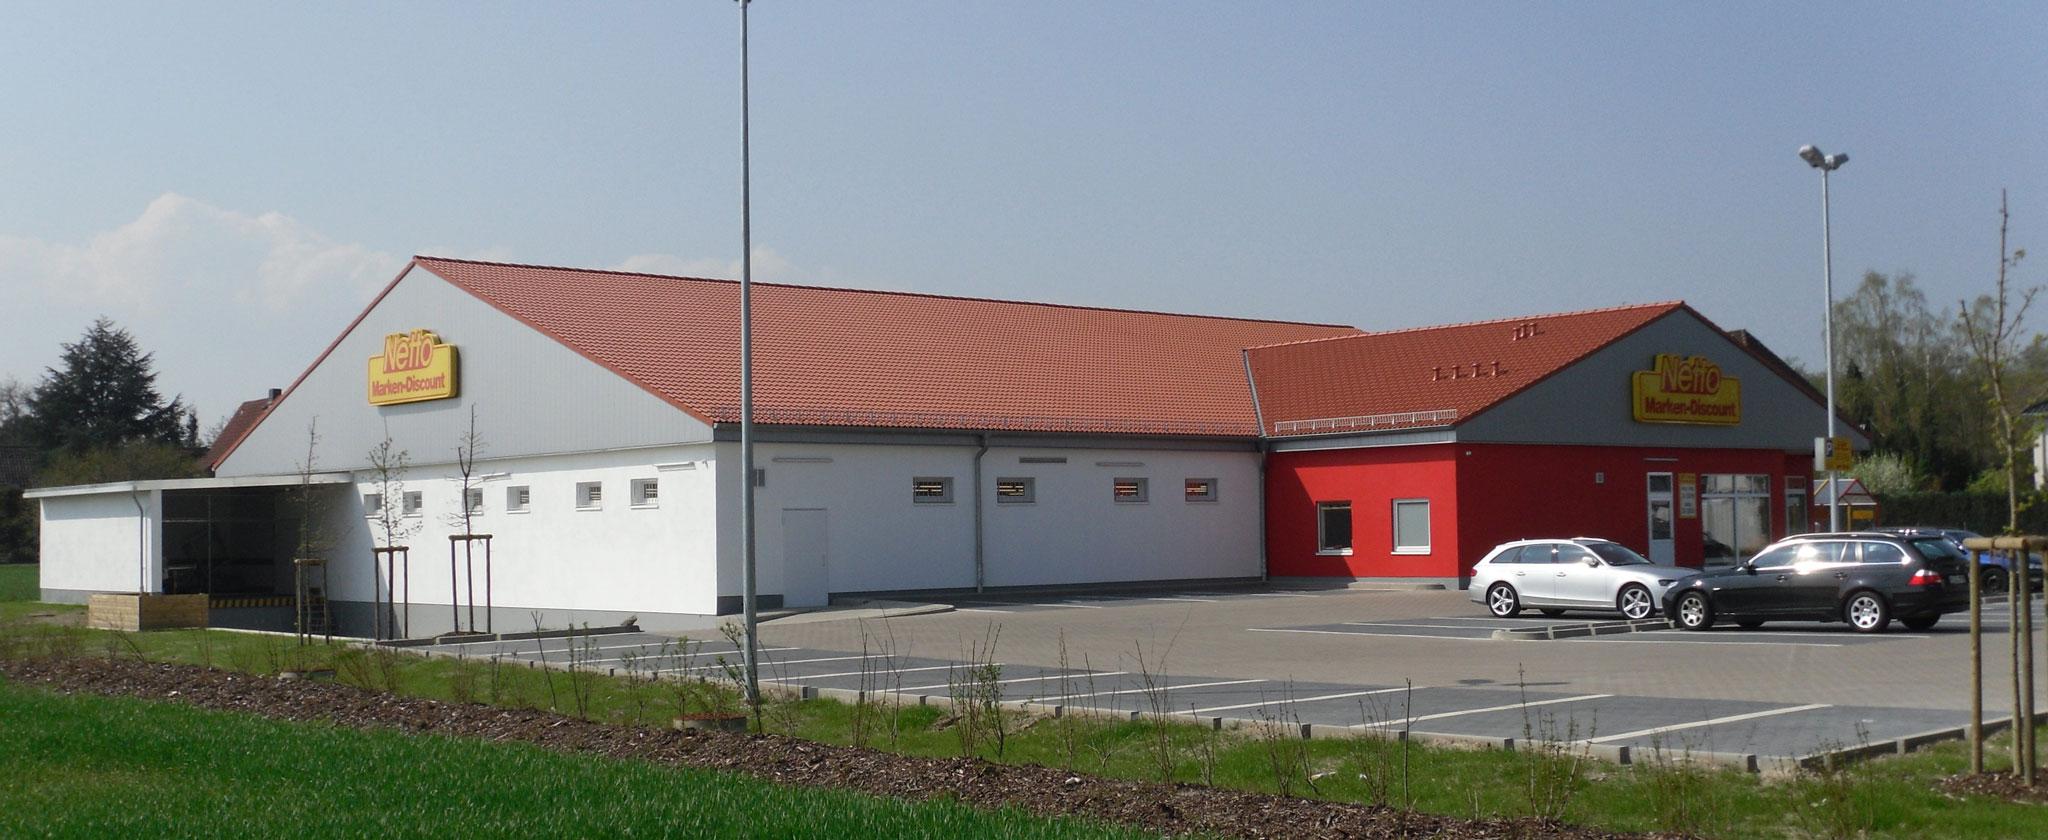 Netto-Markt mit Bäcker Osnabrücker Landstraße 33a, Seelze-Gümmer